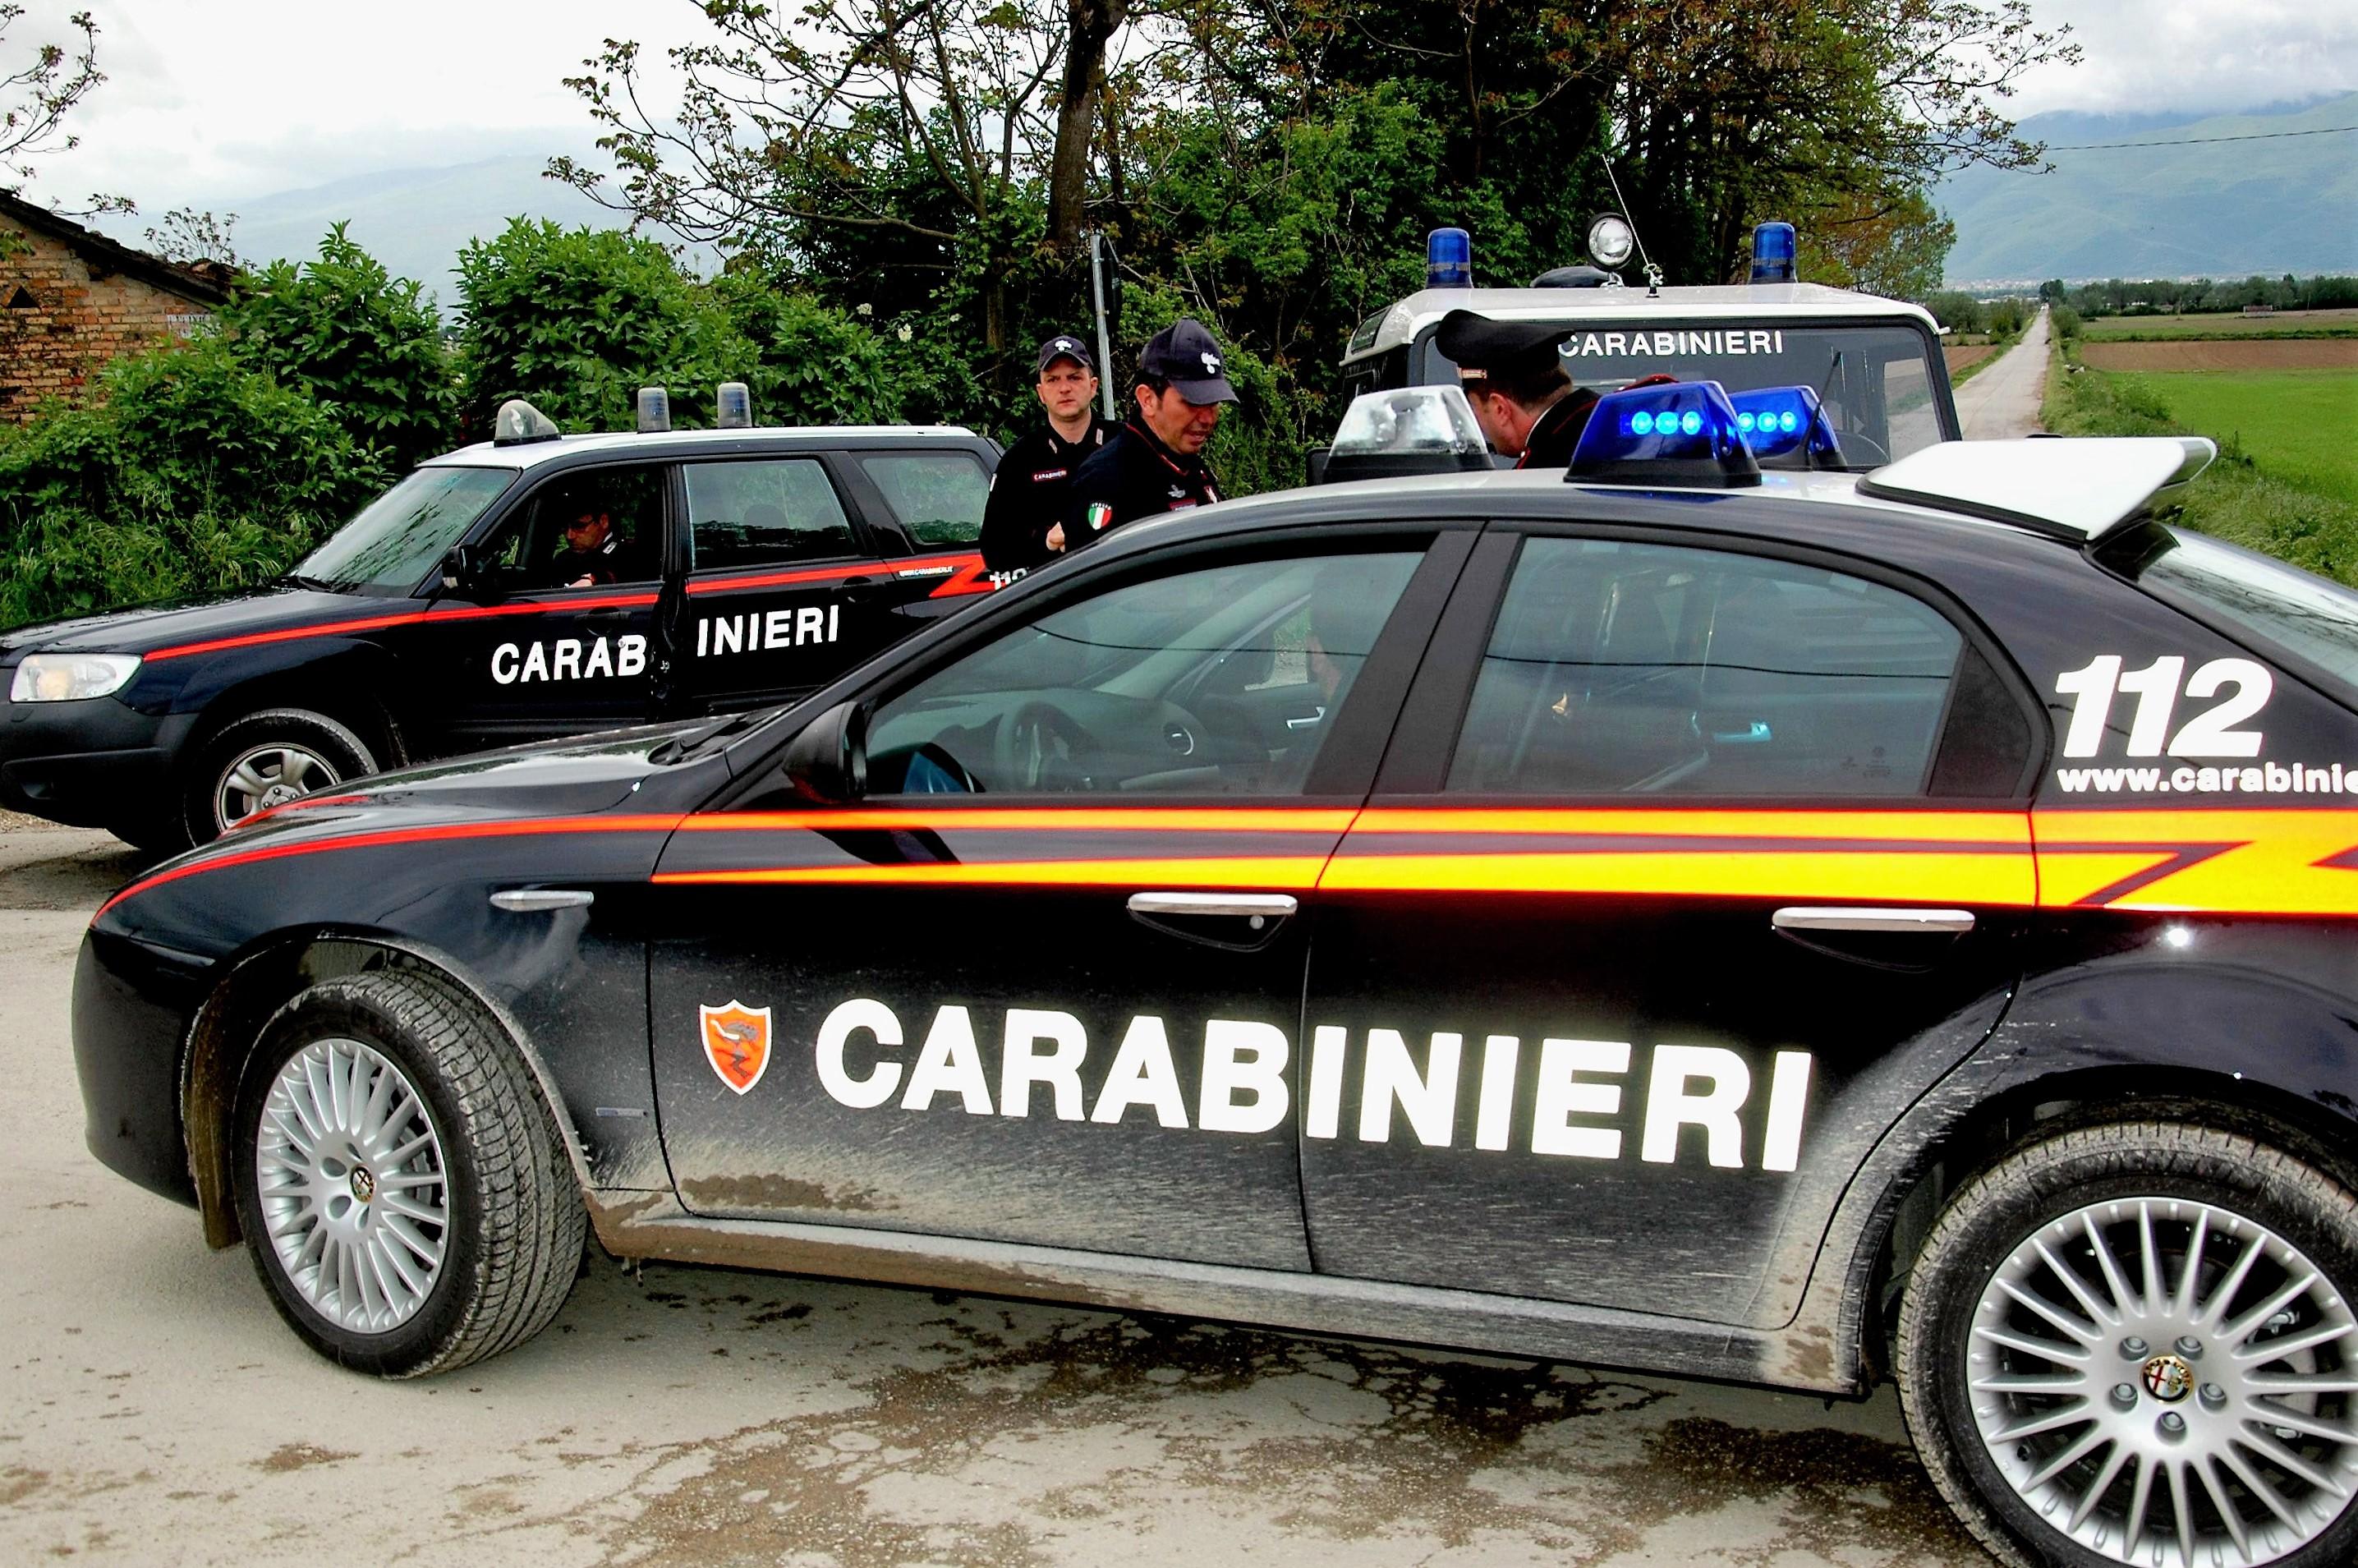 Carabinieri-in-action32